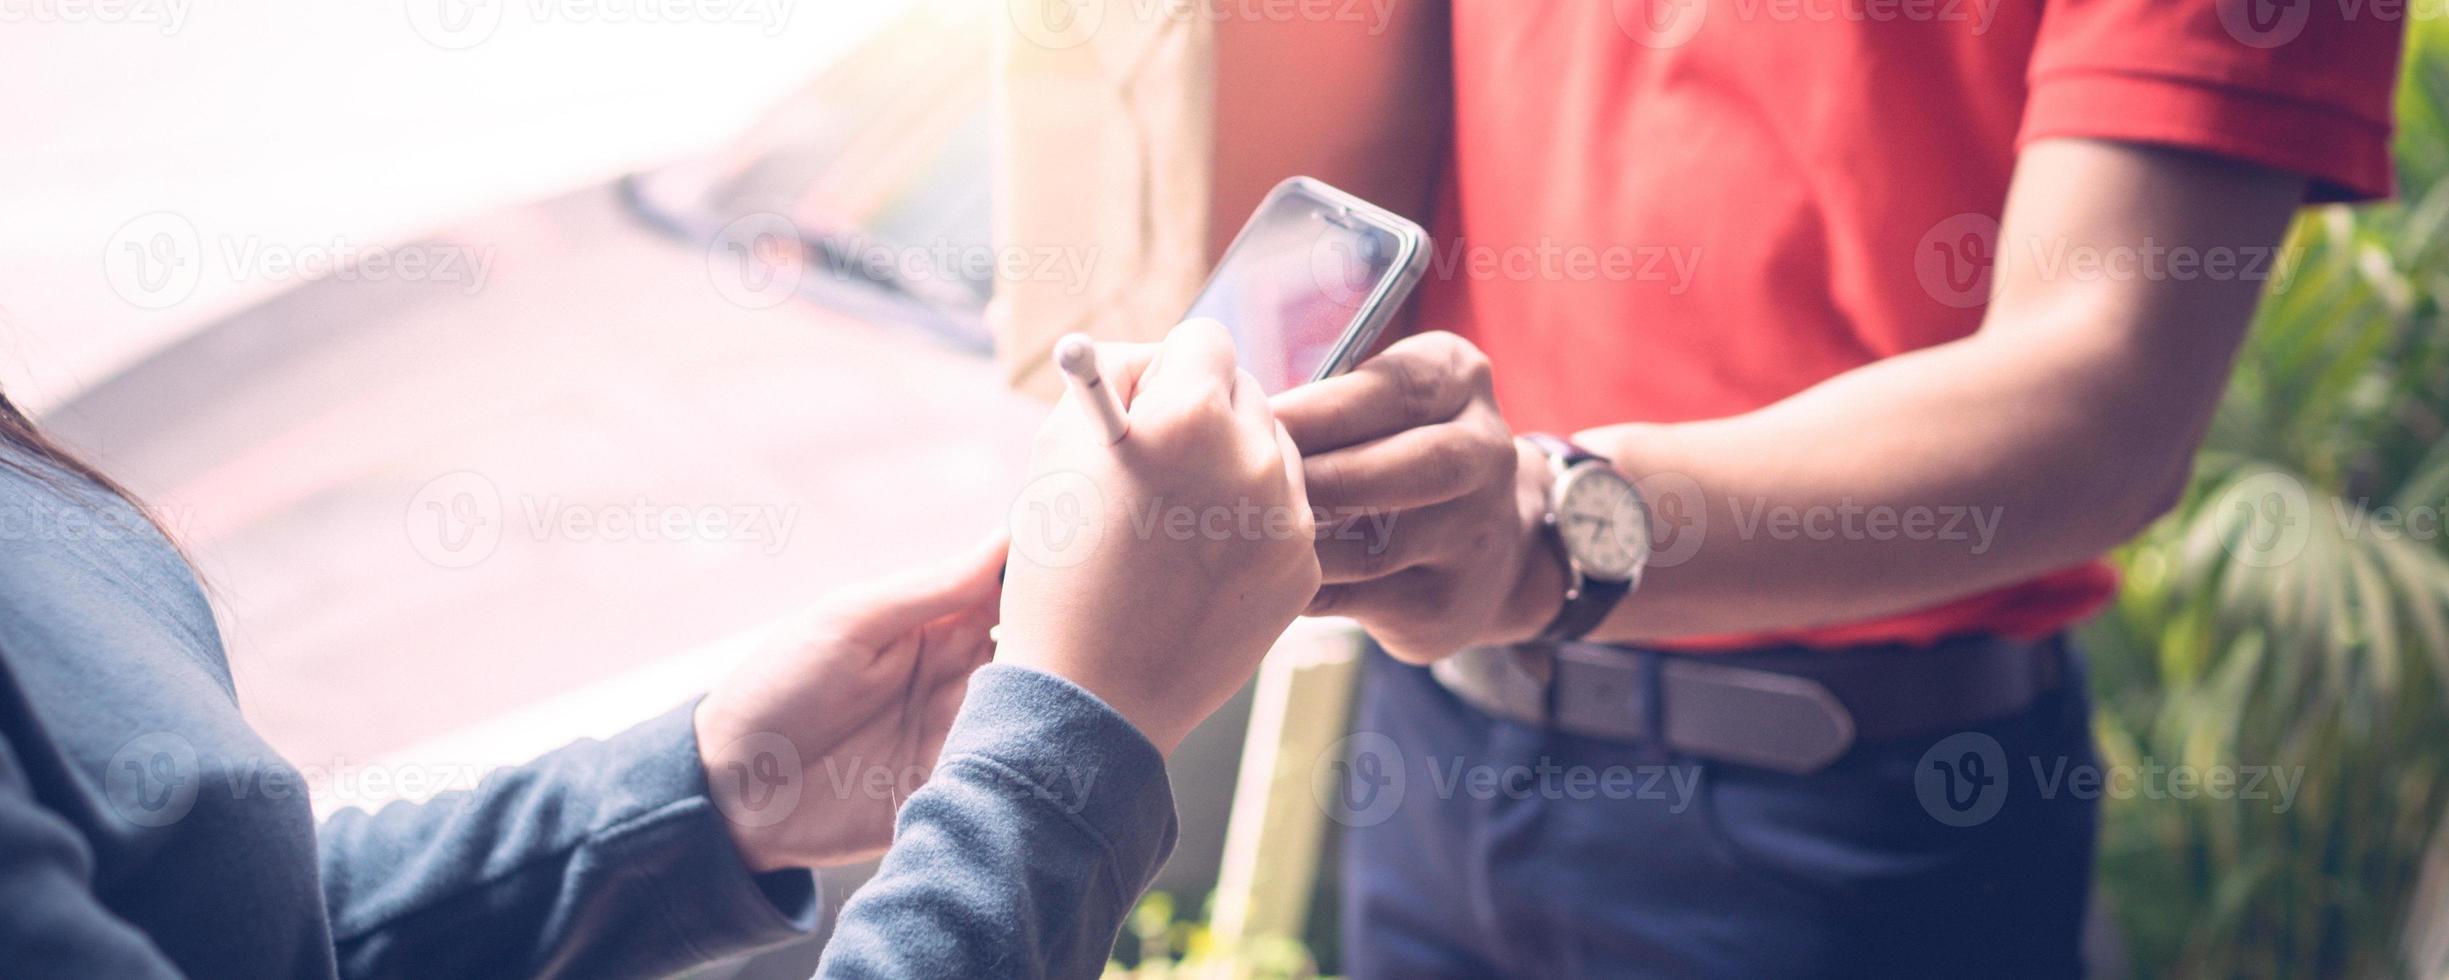 persoon die een mobiele telefoon ondertekent die wordt vastgehouden door een bezorger foto